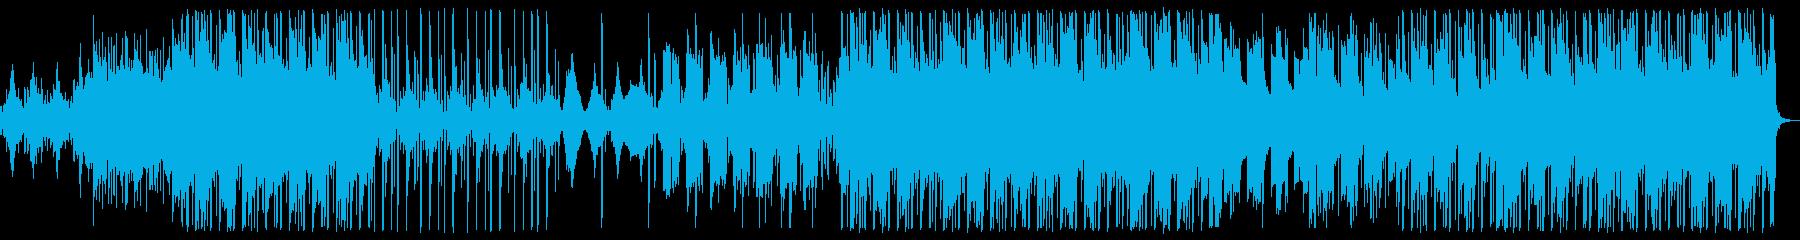 商品紹介や説明のBGMの再生済みの波形